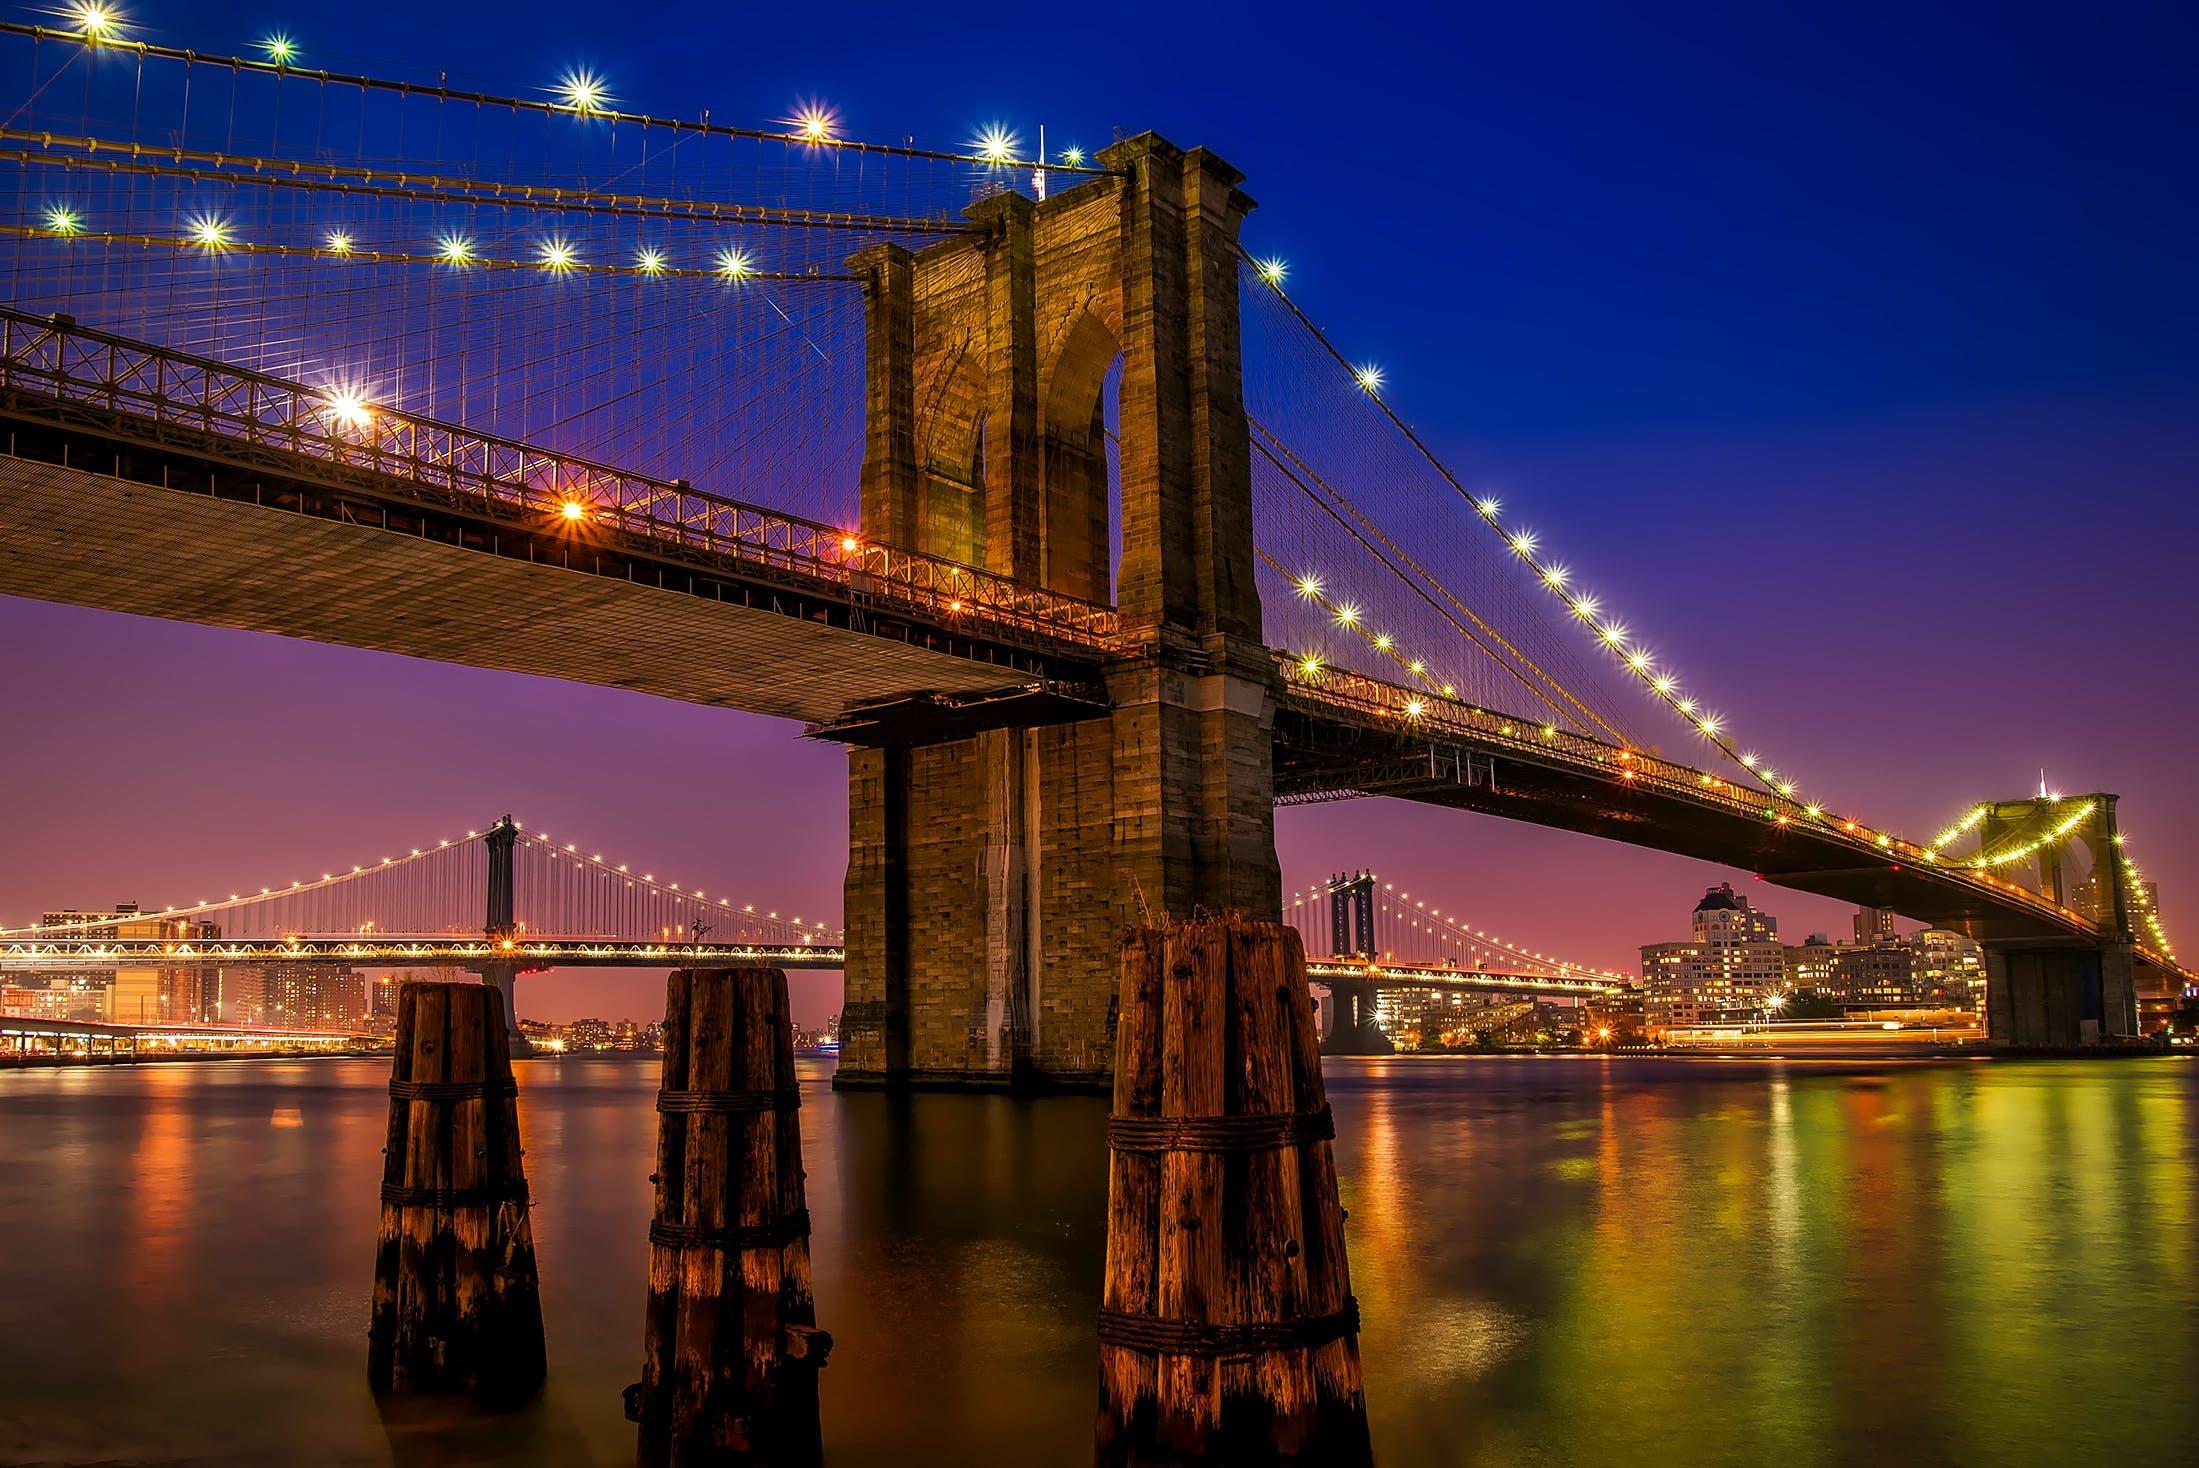 Kostenloses Stock Foto zu abend, architektur, beleuchtung, brooklyn brücke